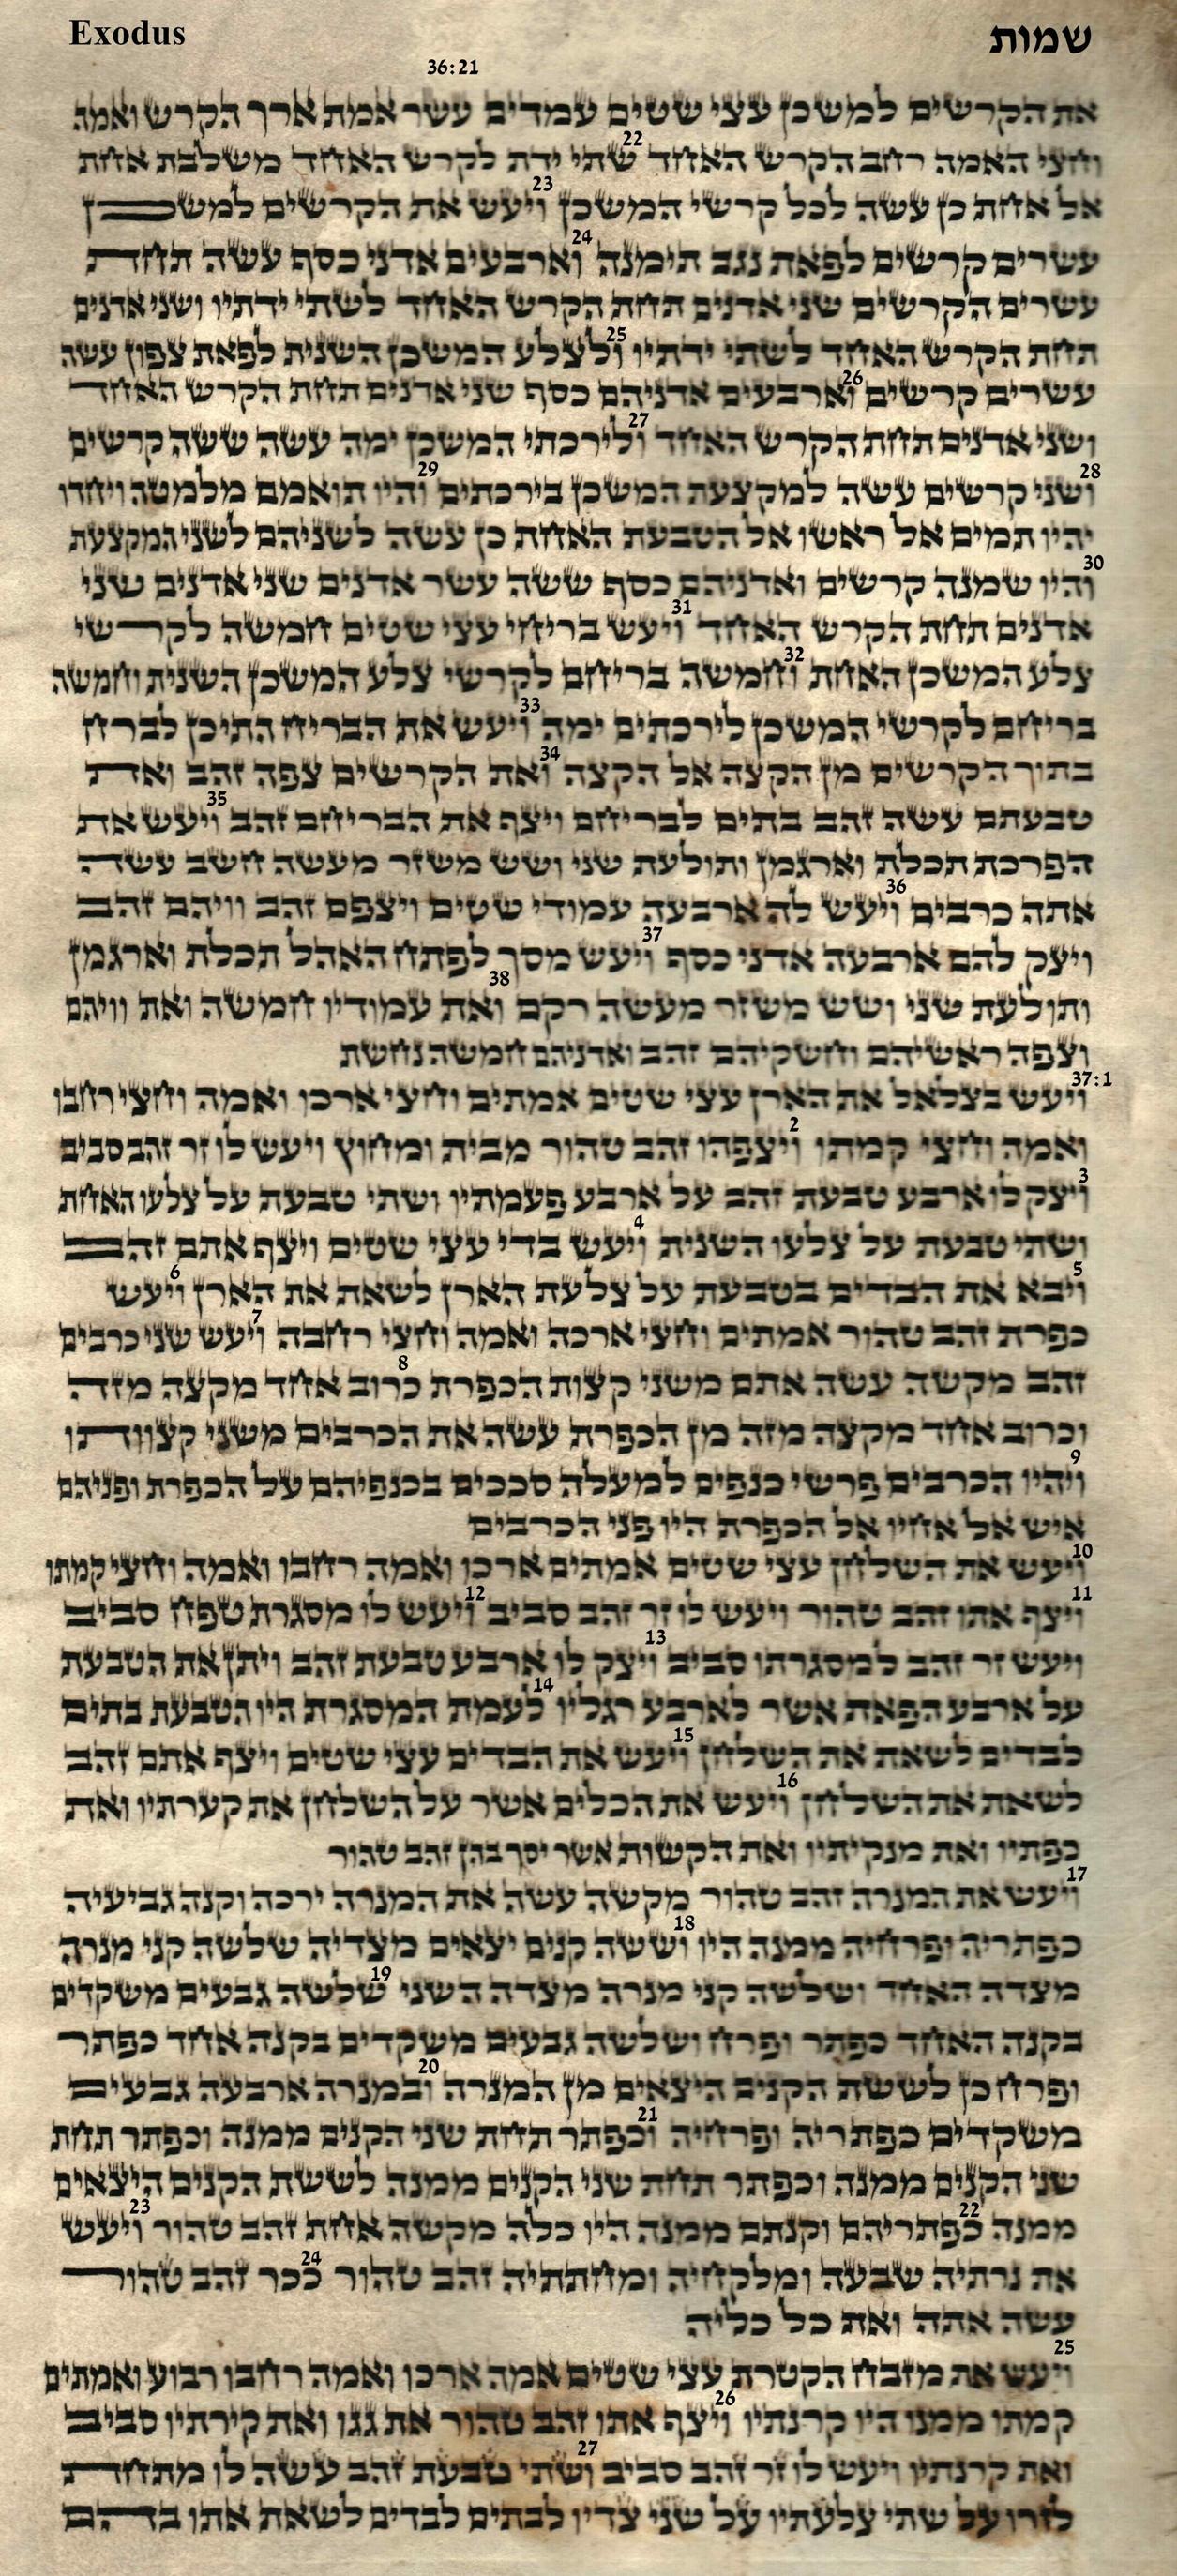 Exodus 36.21 - 37.27